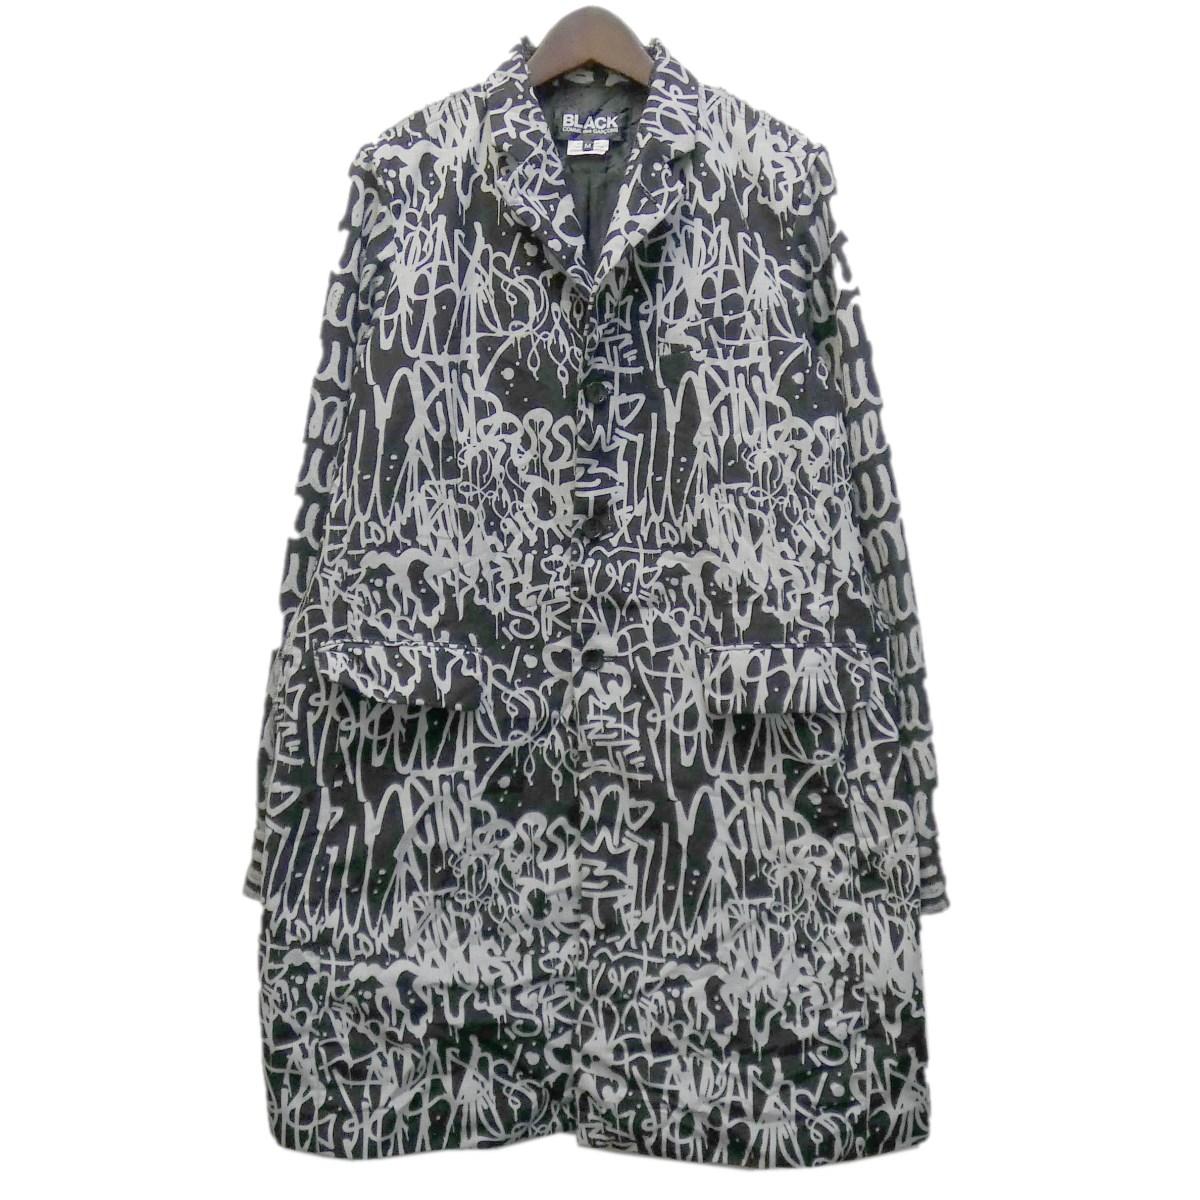 【中古】BLACK COMME des GARCONS 19AW 総柄チェスターコート ブラック サイズ:M 【110420】(ブラック コムデギャルソン)